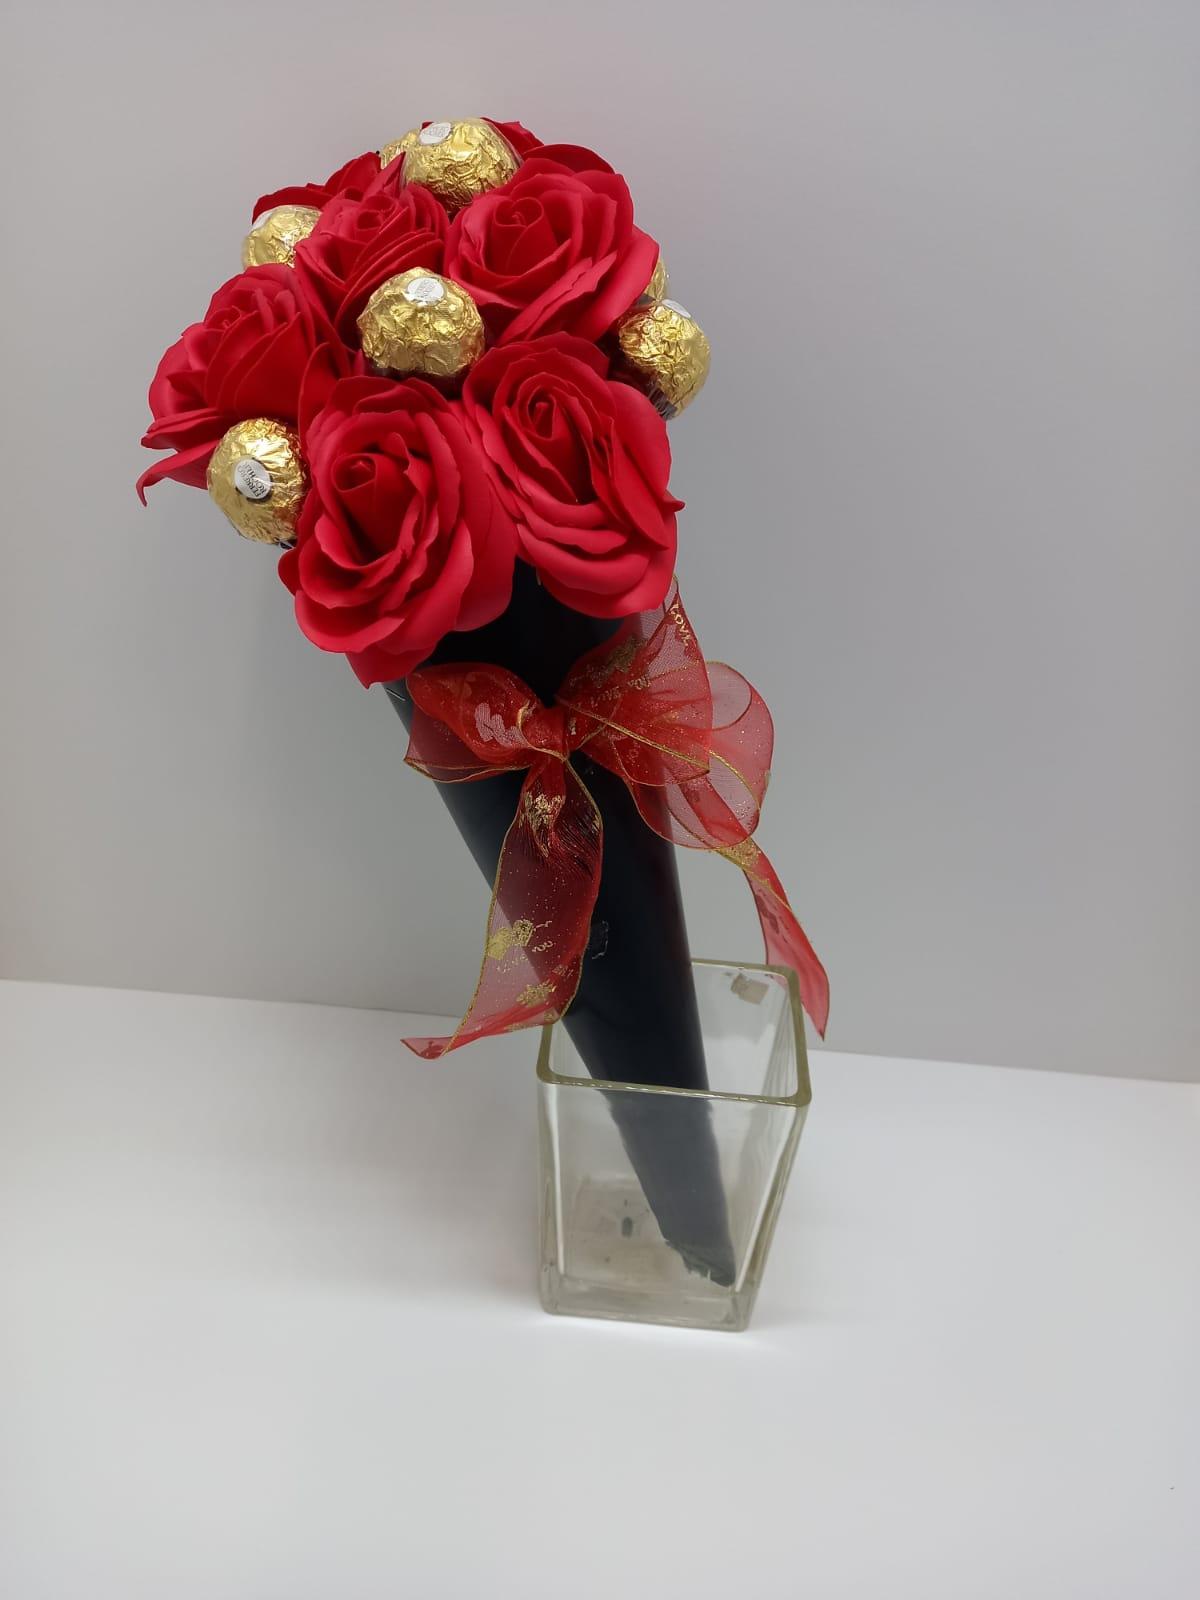 קונוס ורדים ושוקולד